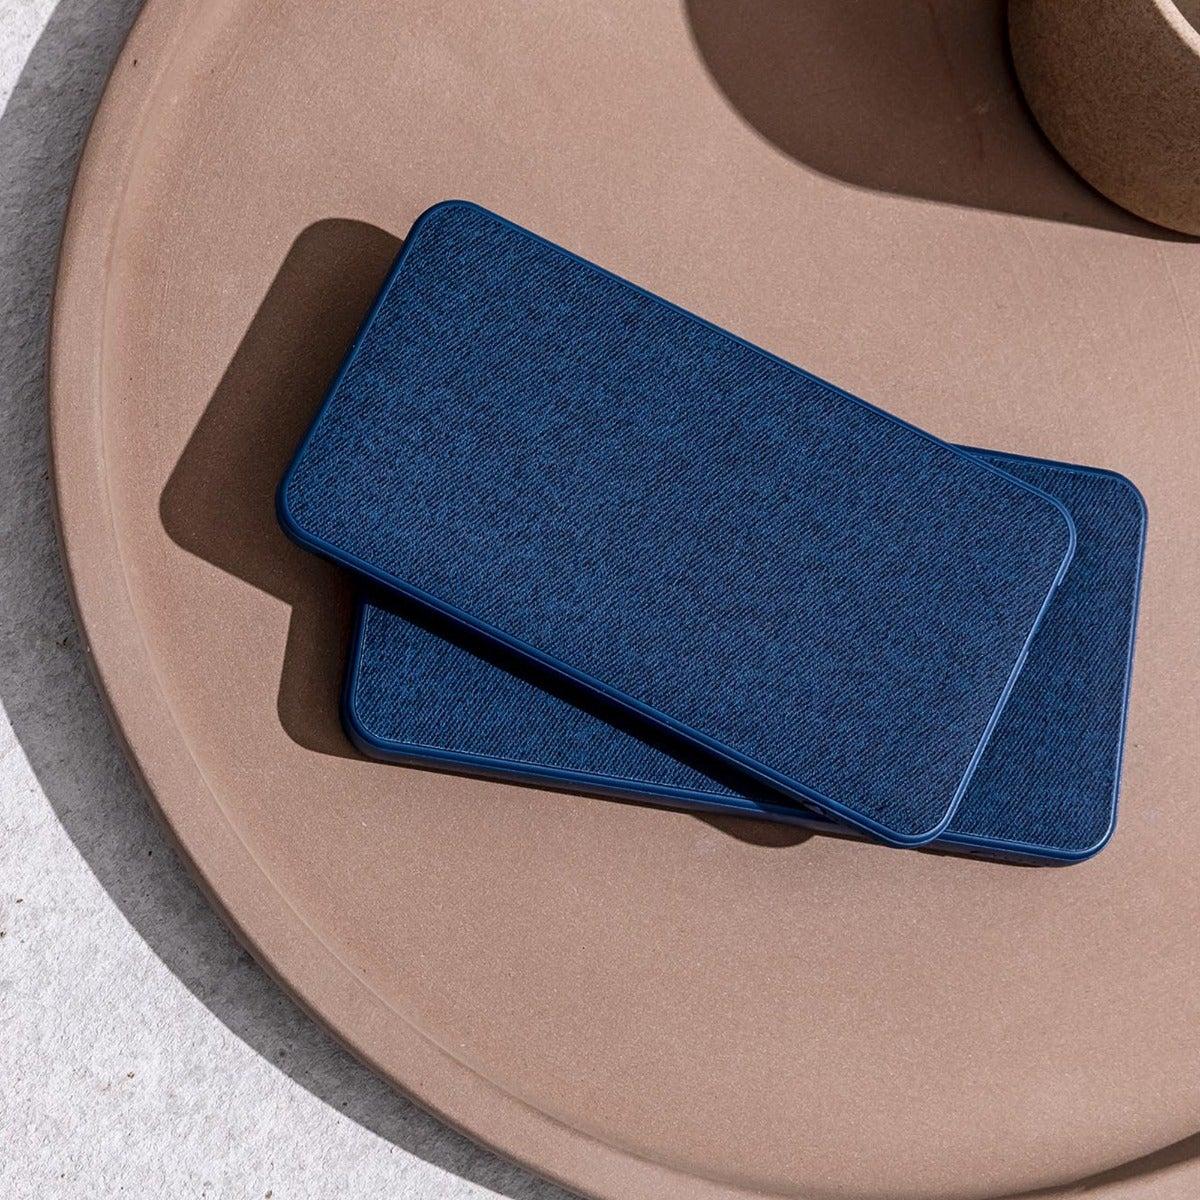 پاور بانک موفی مدل powerstation mini - Fabric